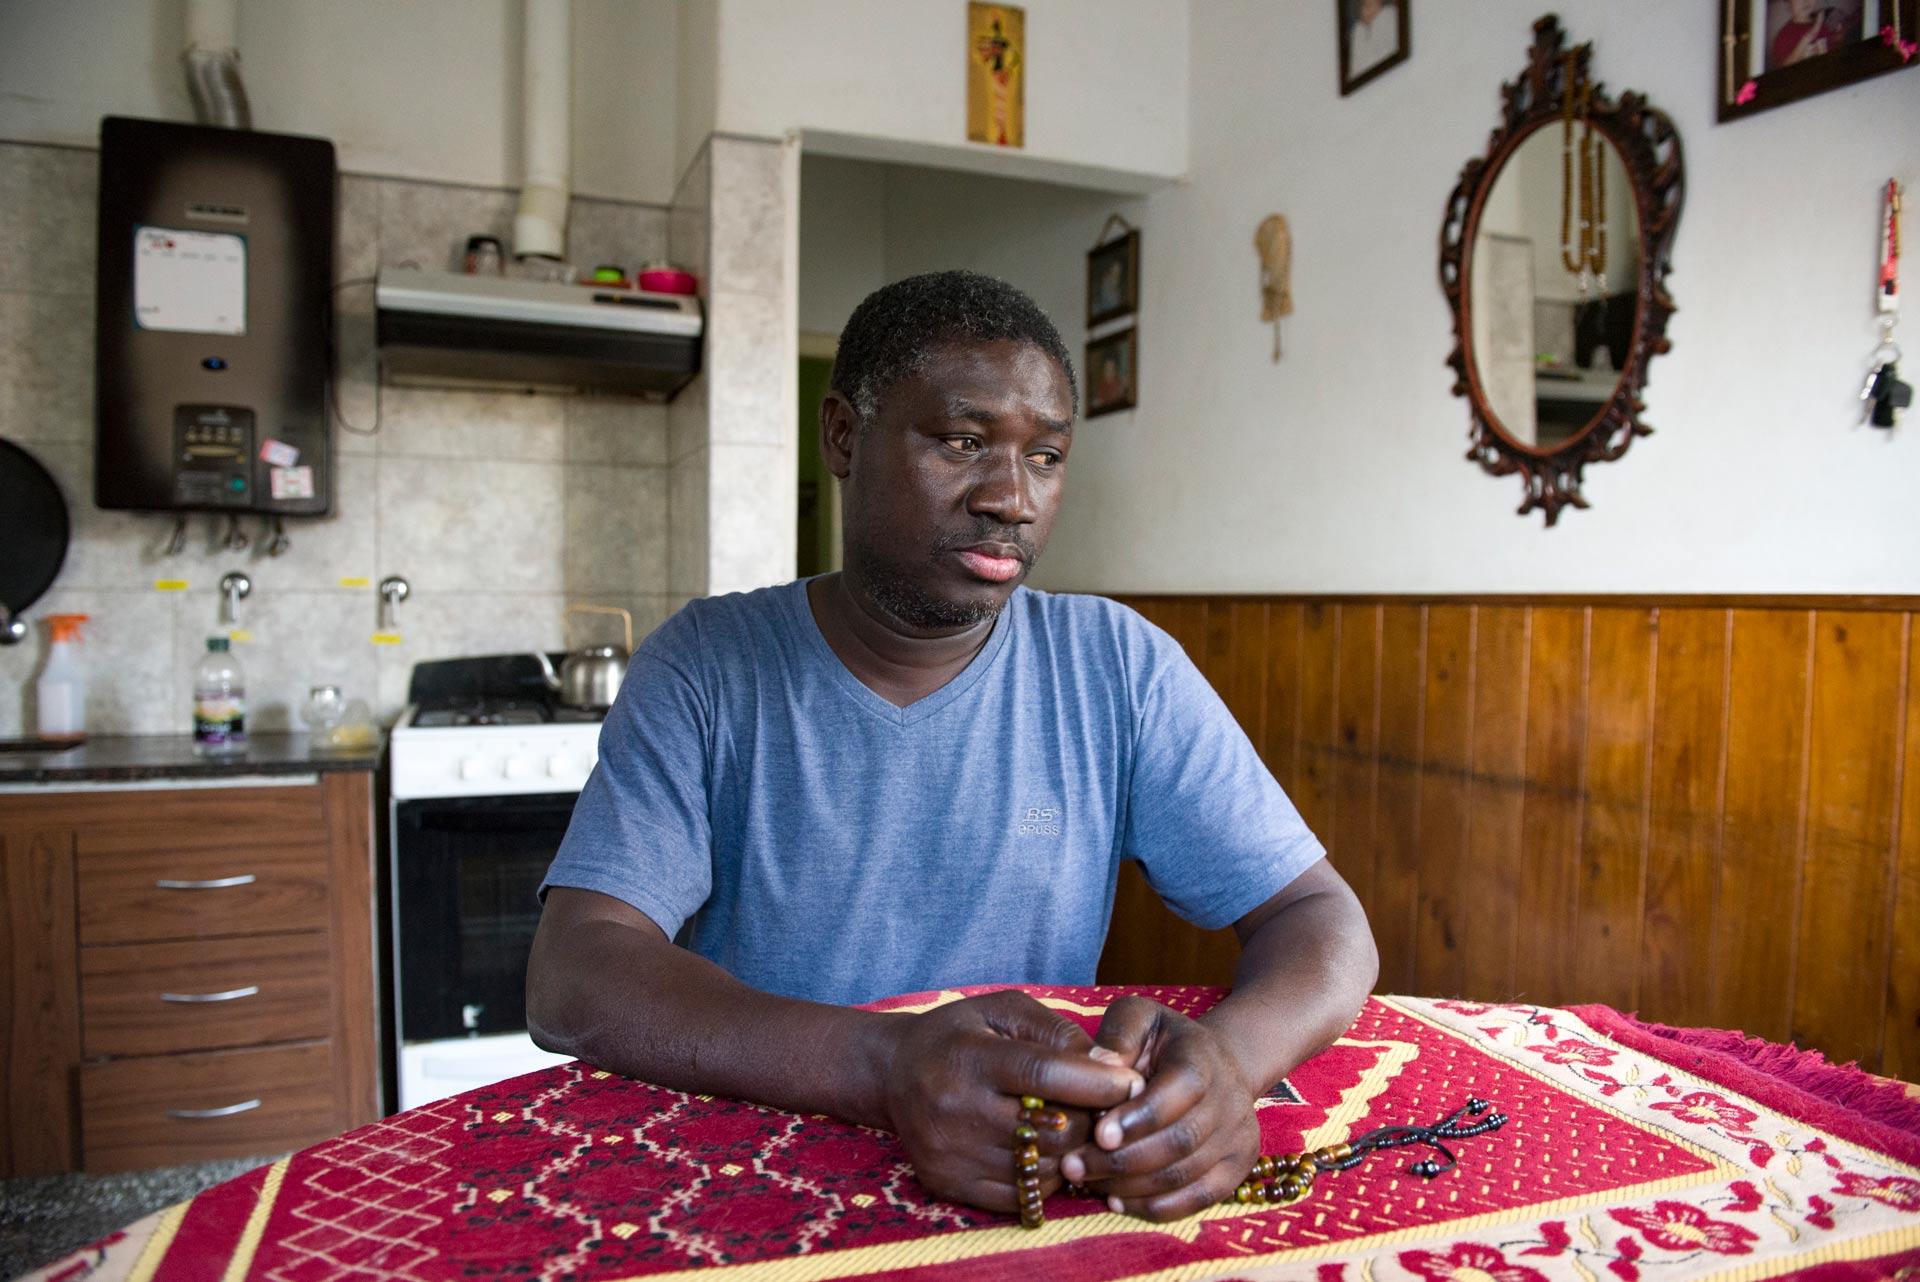 Nar sentado en la cocina detenido en su hogar. Fotografía: Pablo Presti / Cosecha Roja